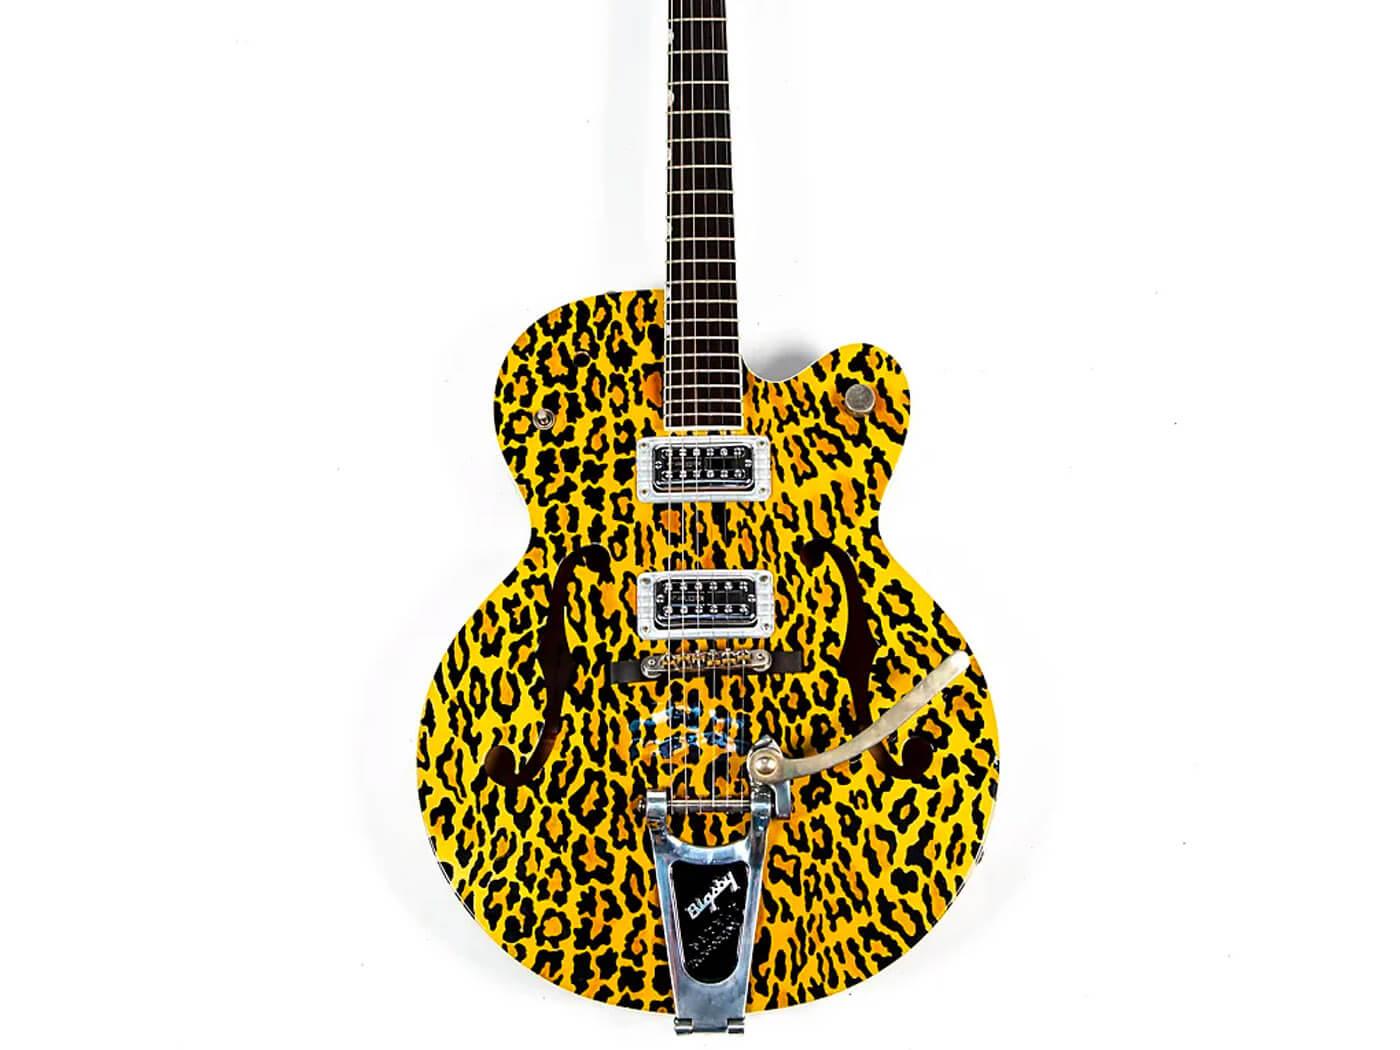 Gretsch Leopard Print